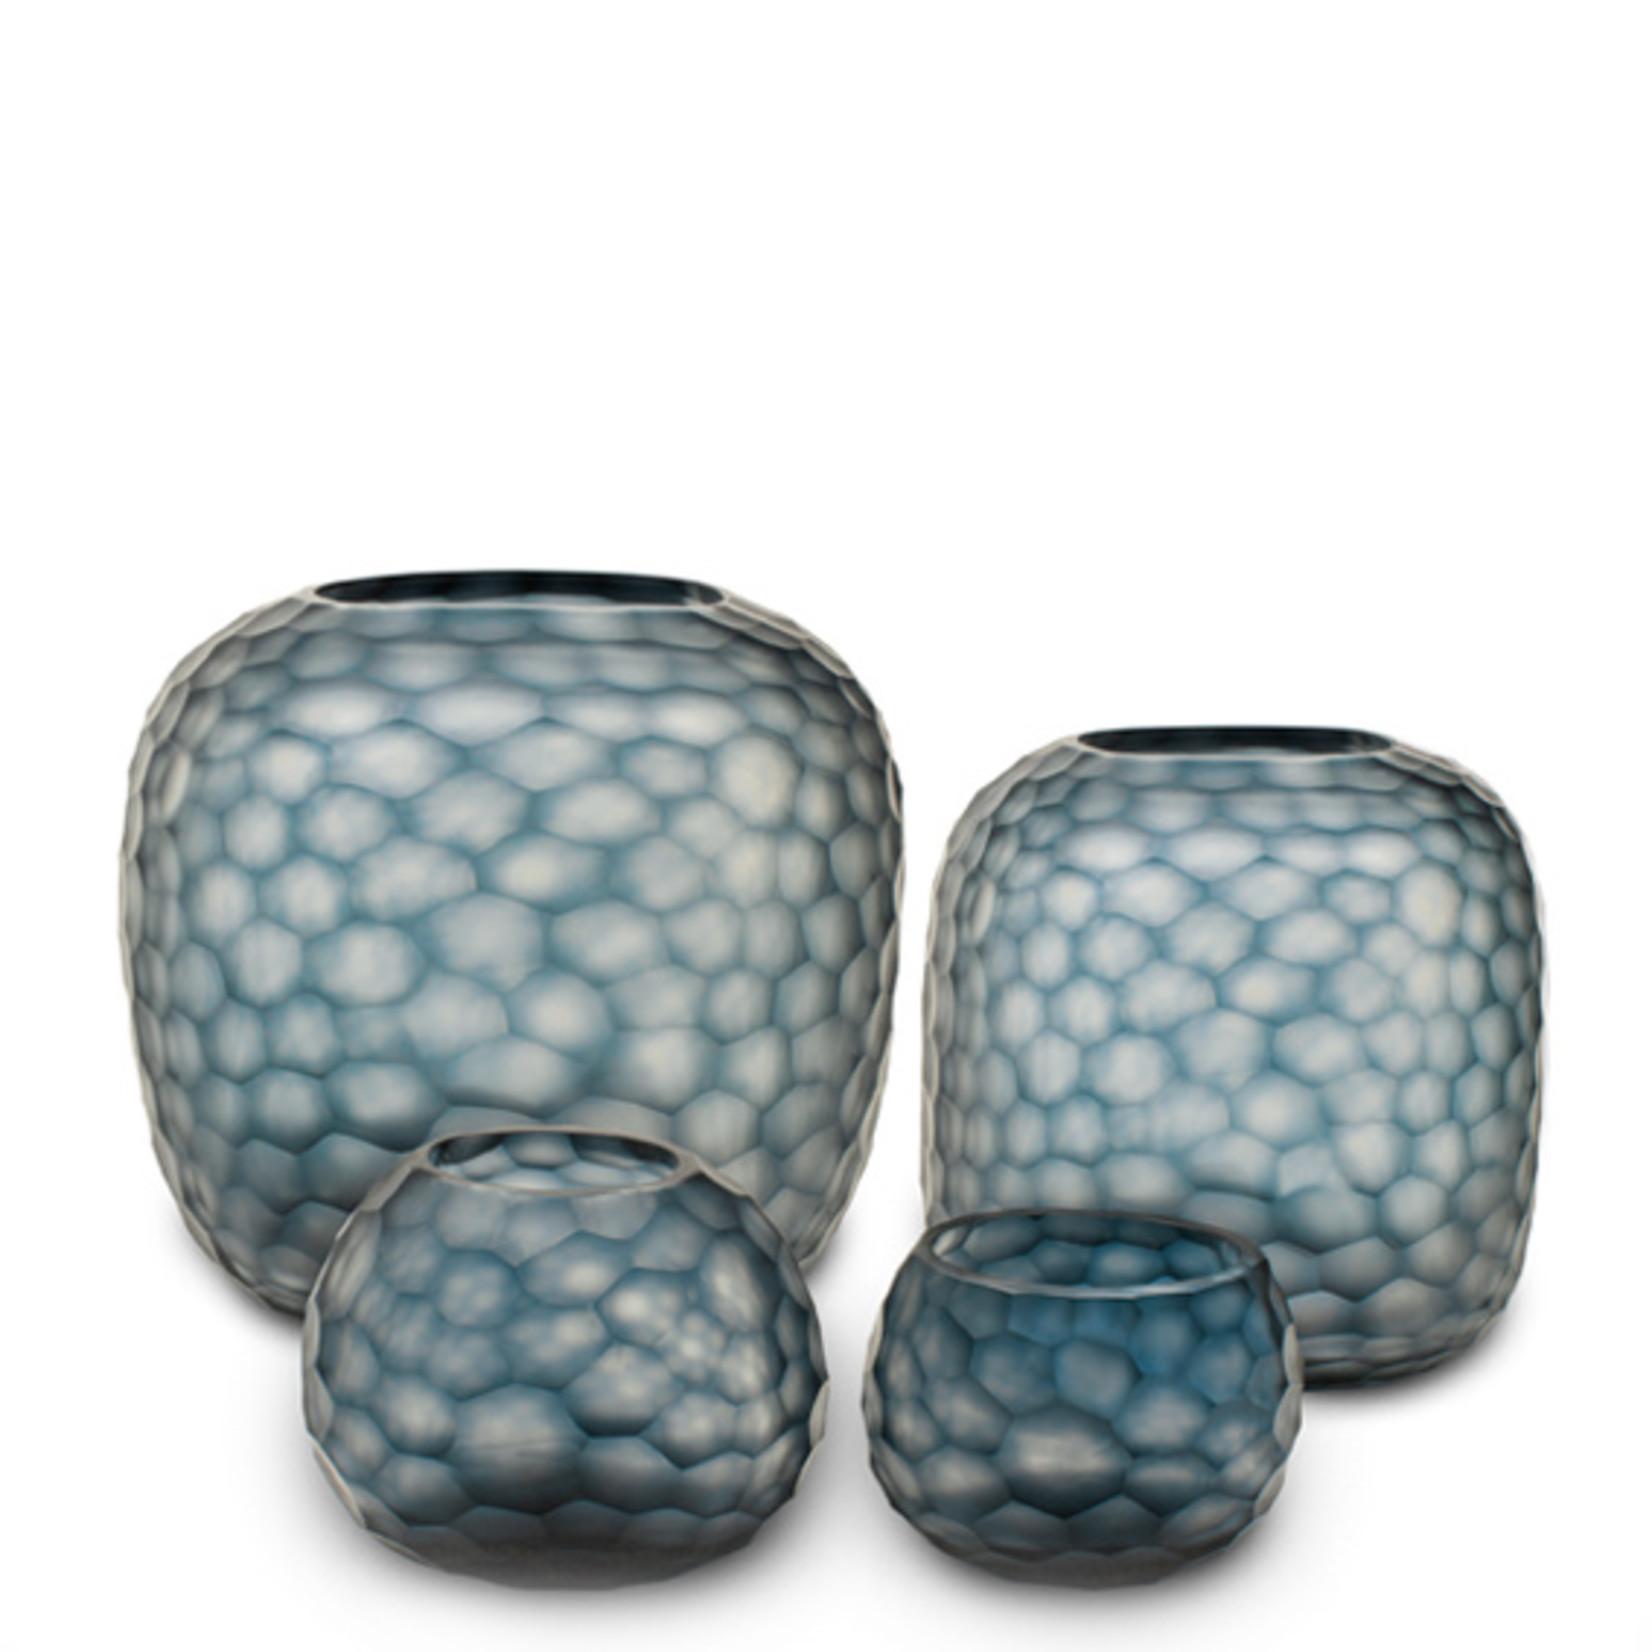 Guaxs Vase Somba M | Ocean Blue / Indigo